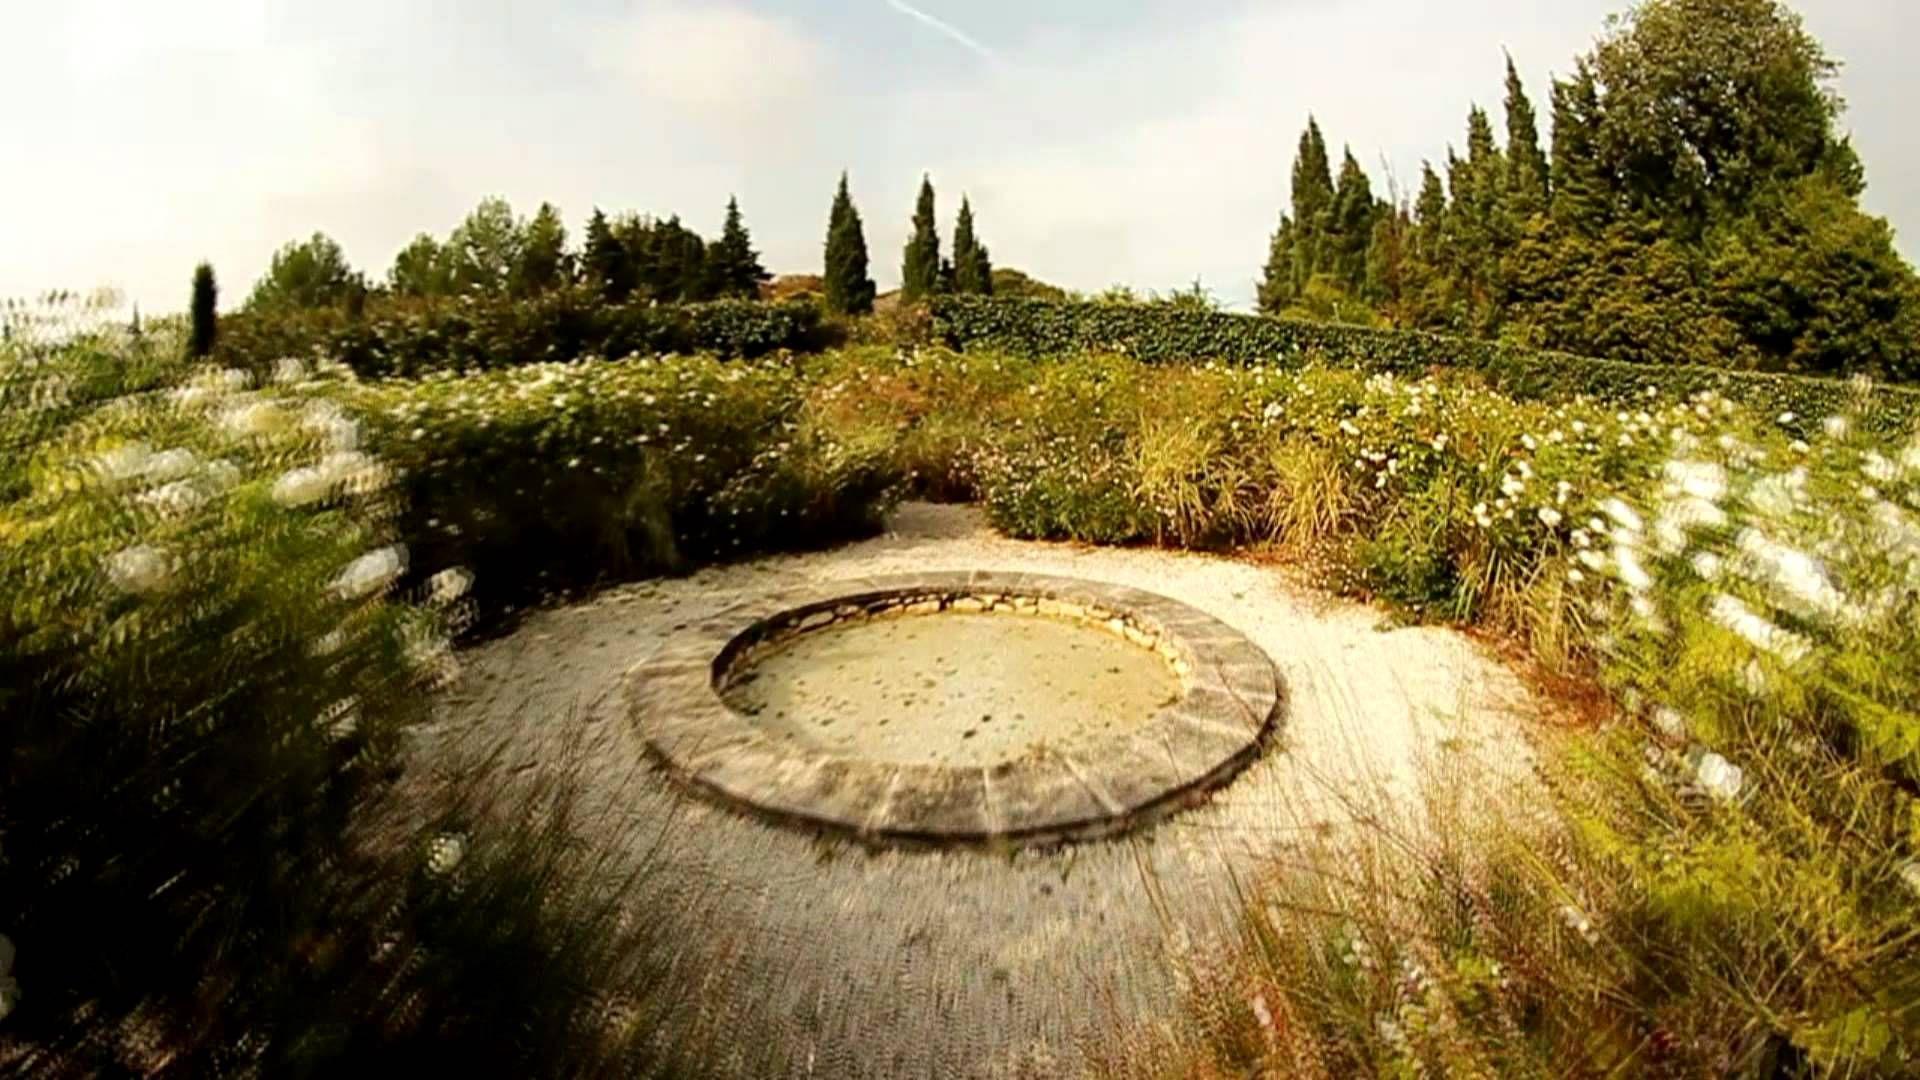 Jardin de l'alchimiste - Eygaliere